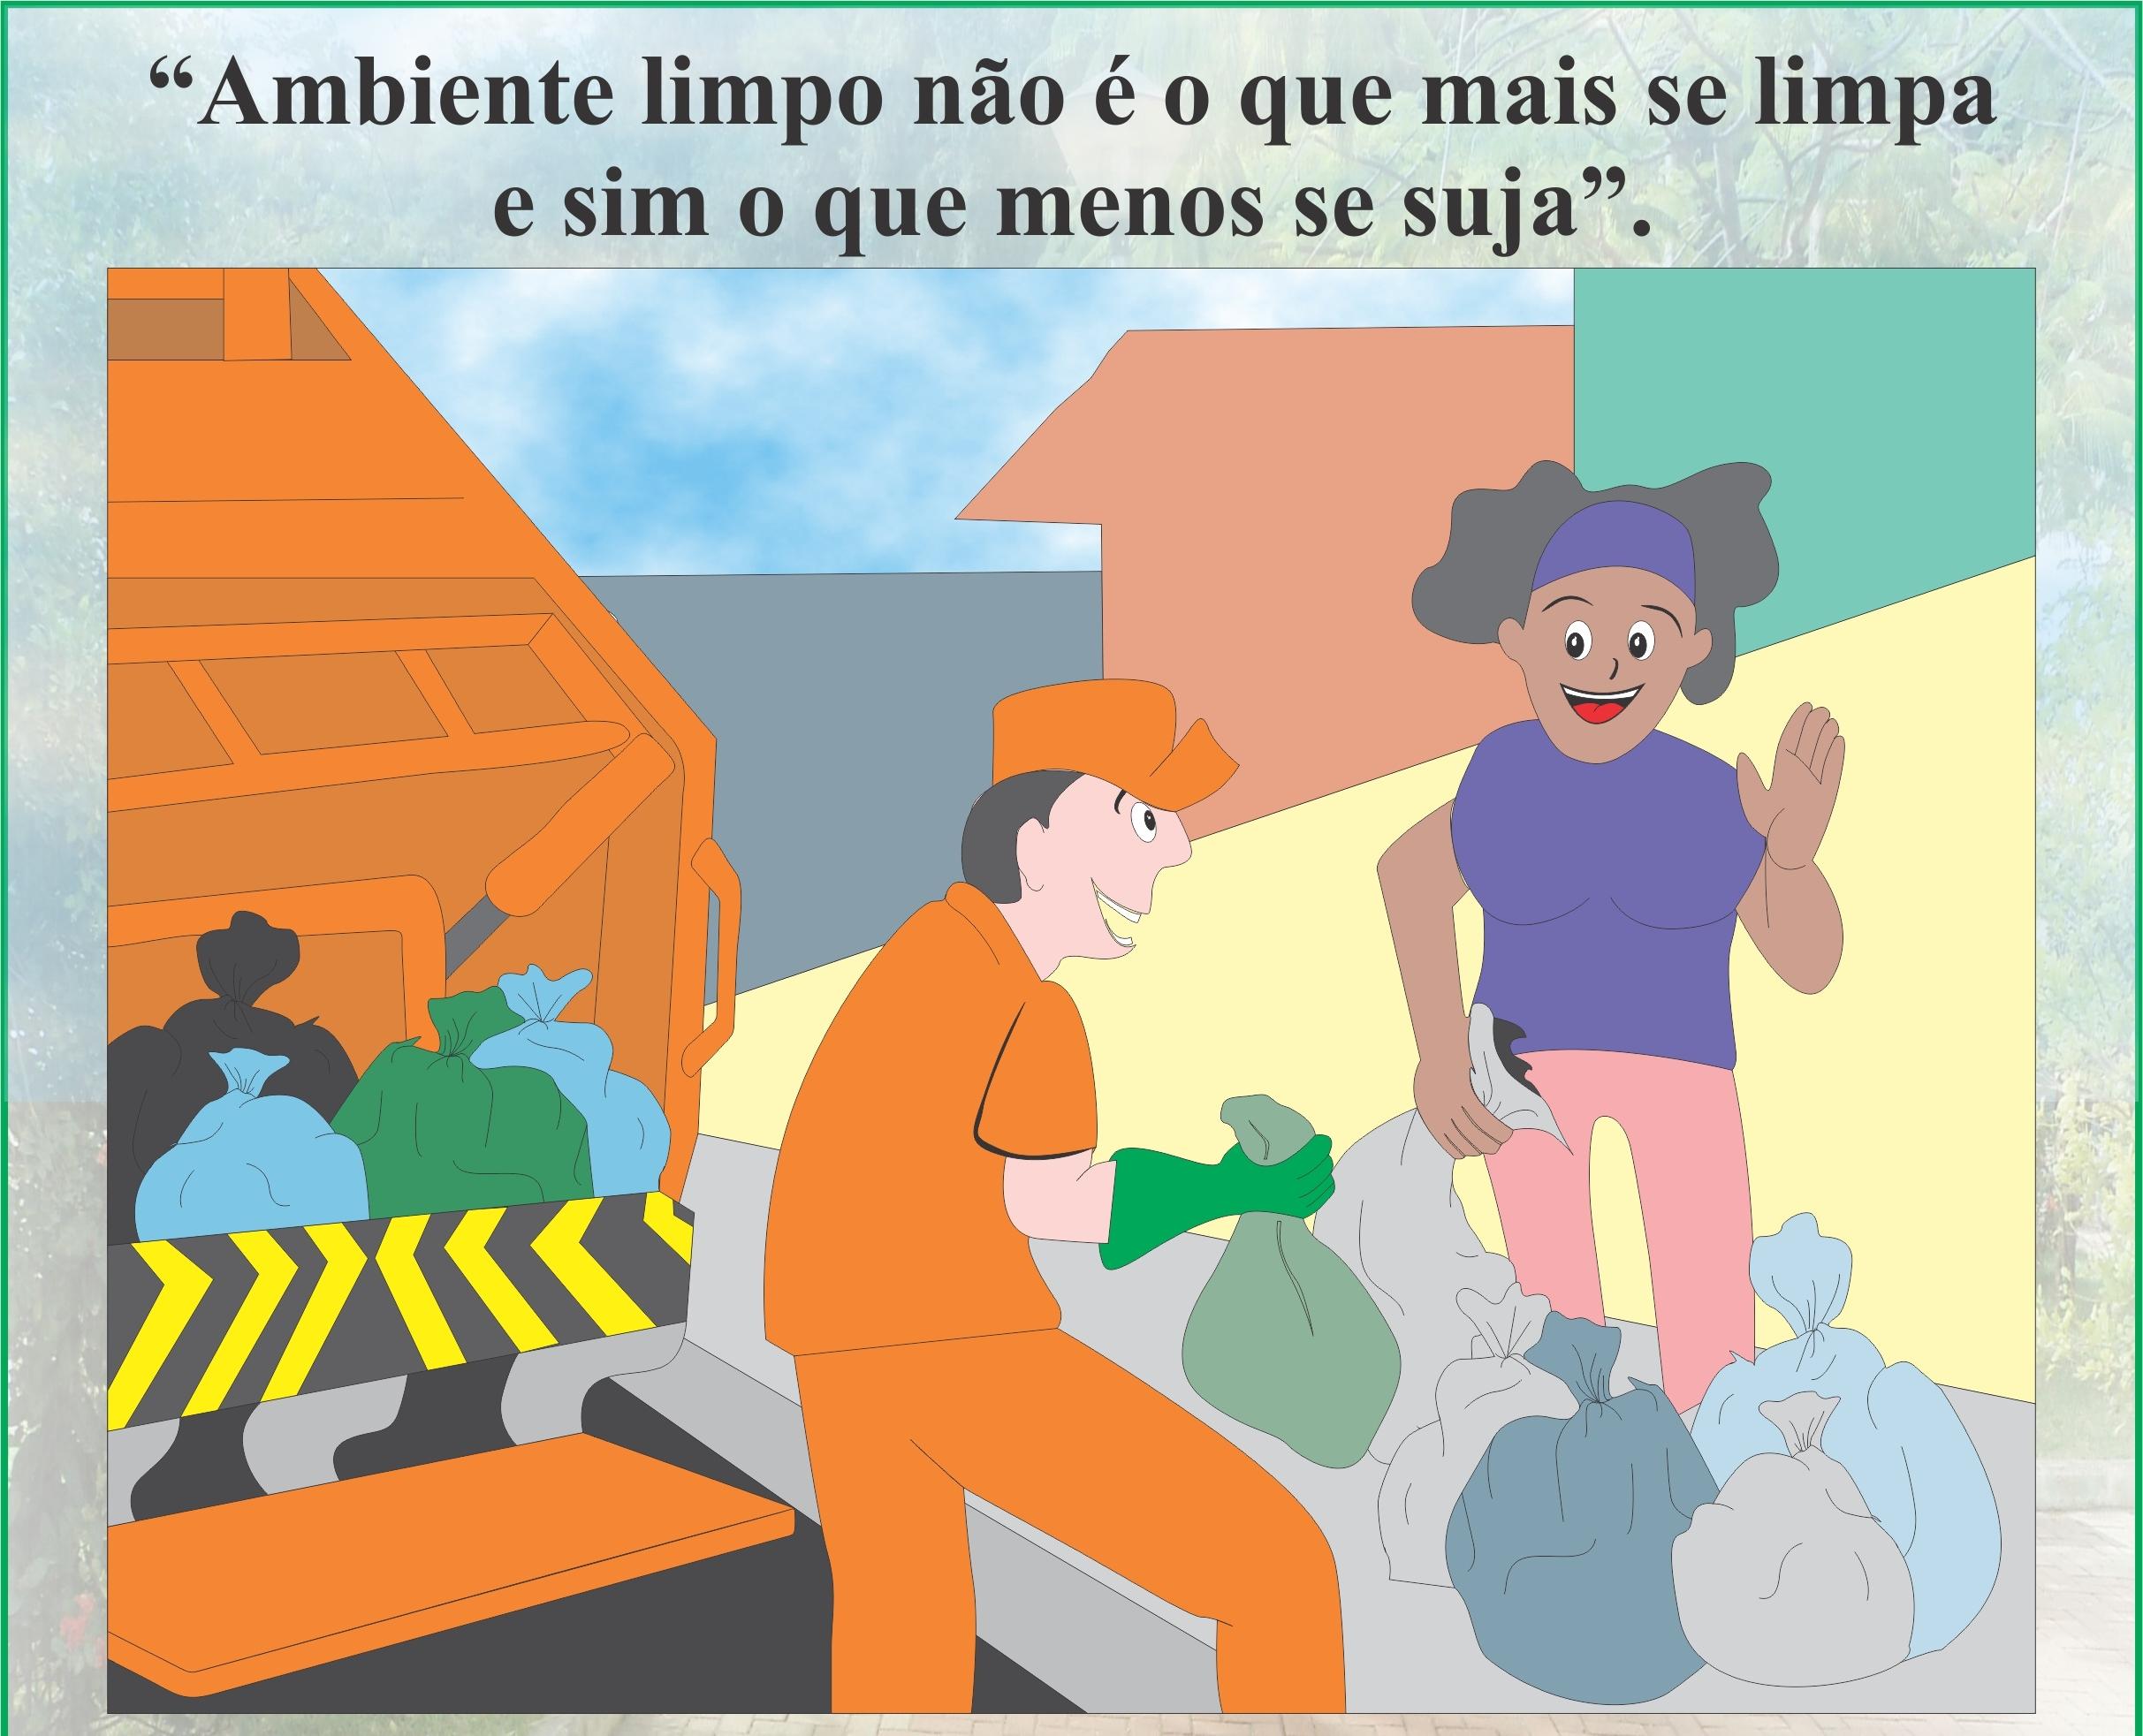 Participe e colabore com a limpeza da sua Cidade